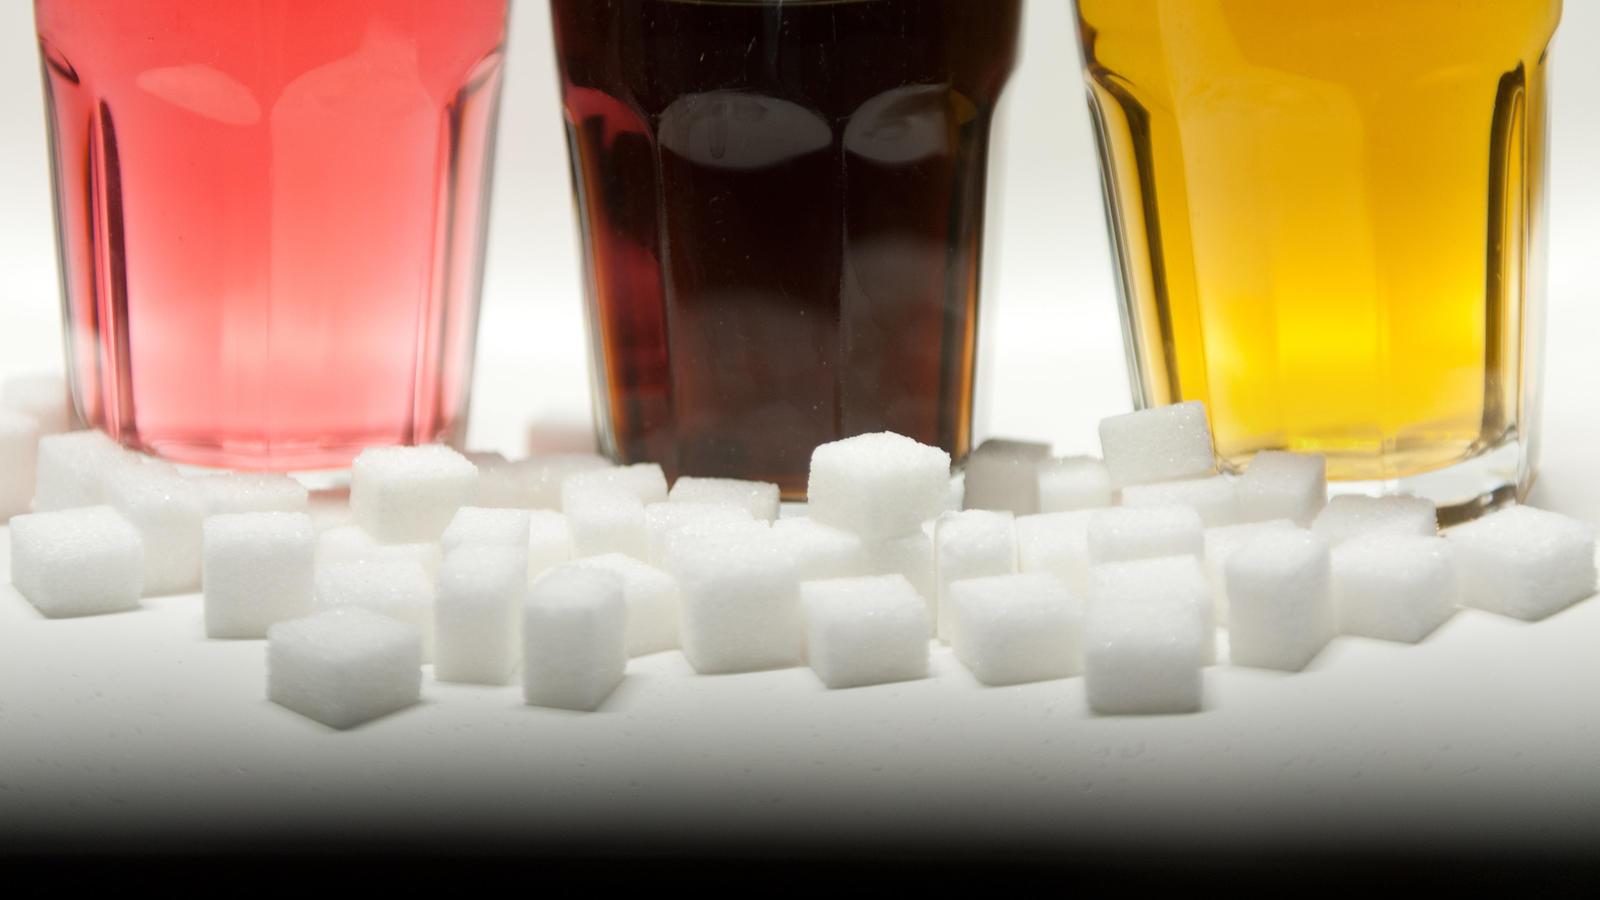 Erfrischungsgetränke bei Öko-Test: Viel zu viel Zucker und ...